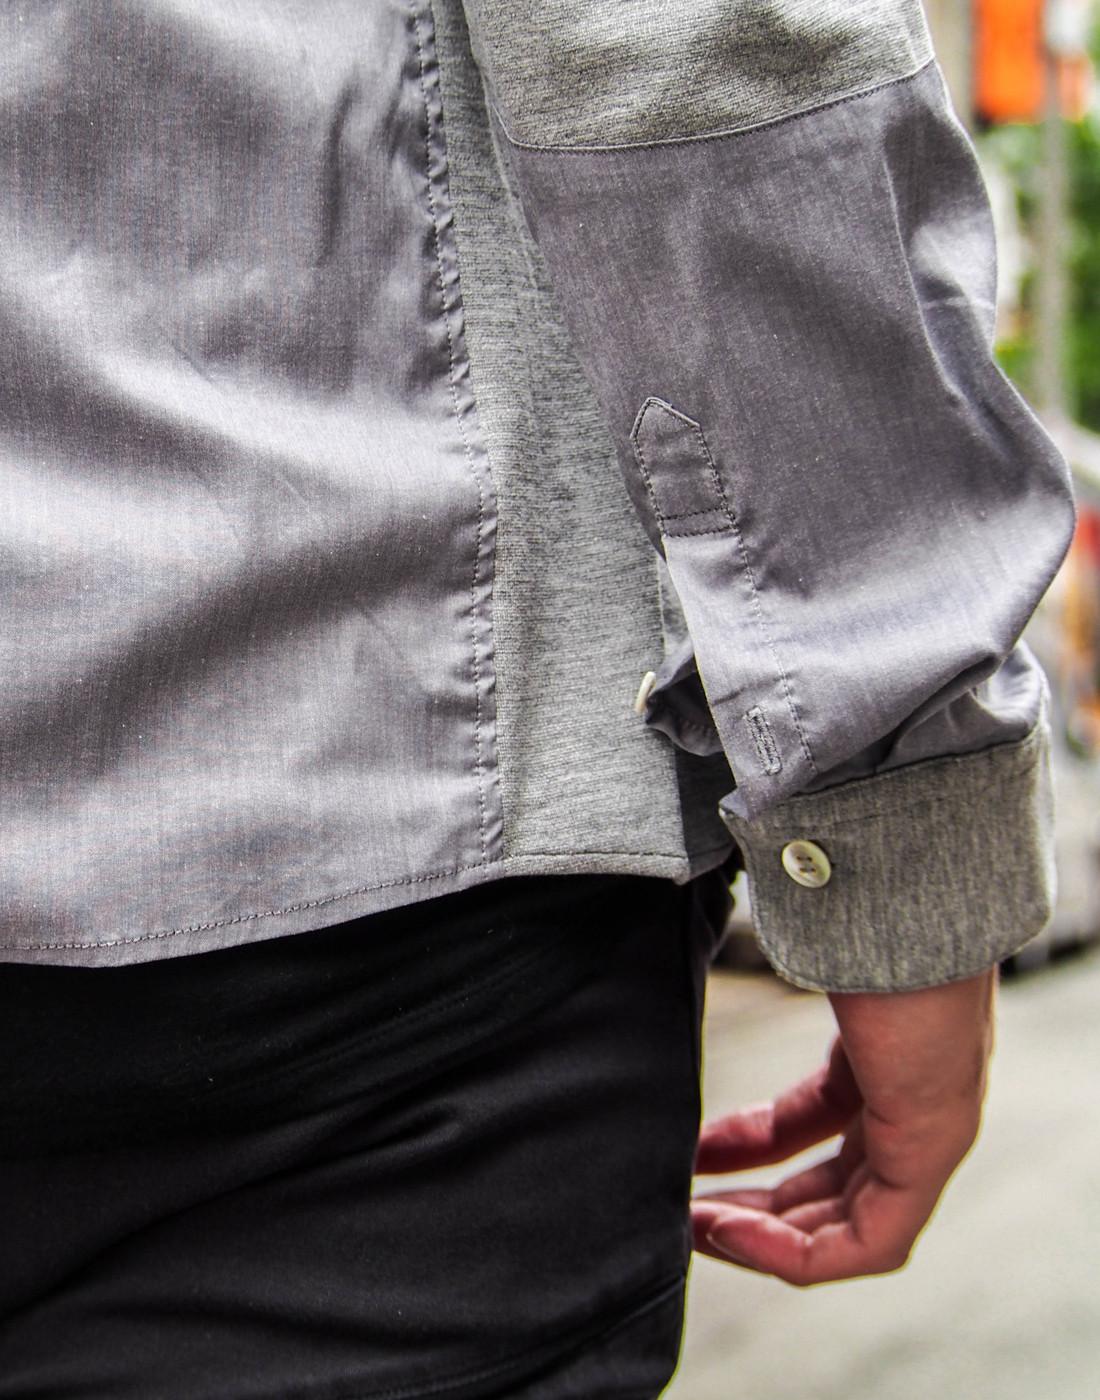 ストレッチグレーシャツとバイカーパンツ1.jpg